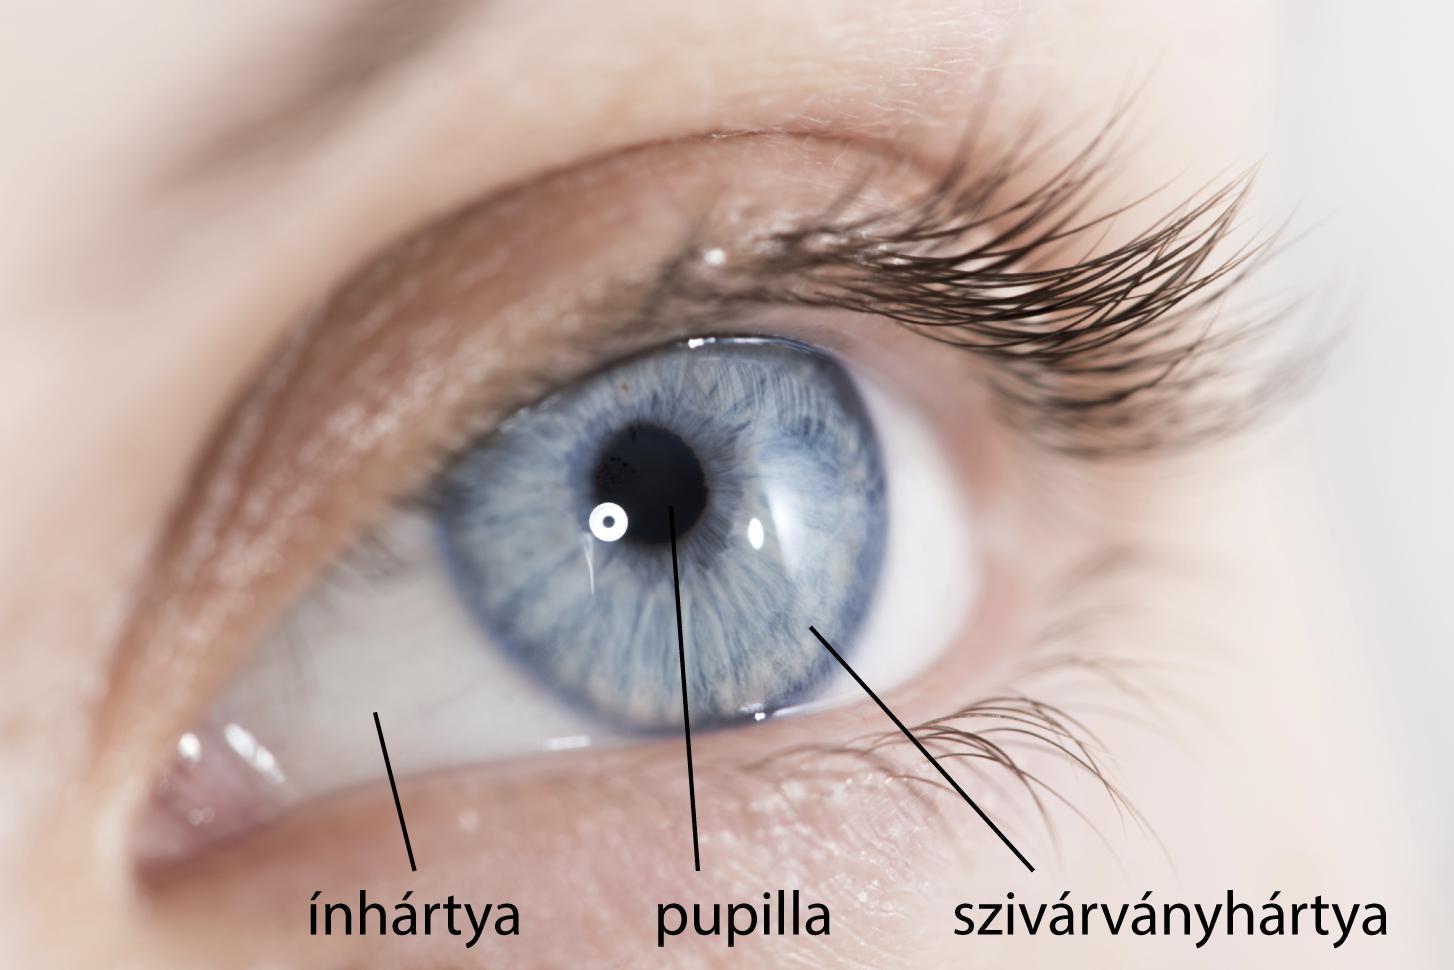 az egyik szem látásának különbsége